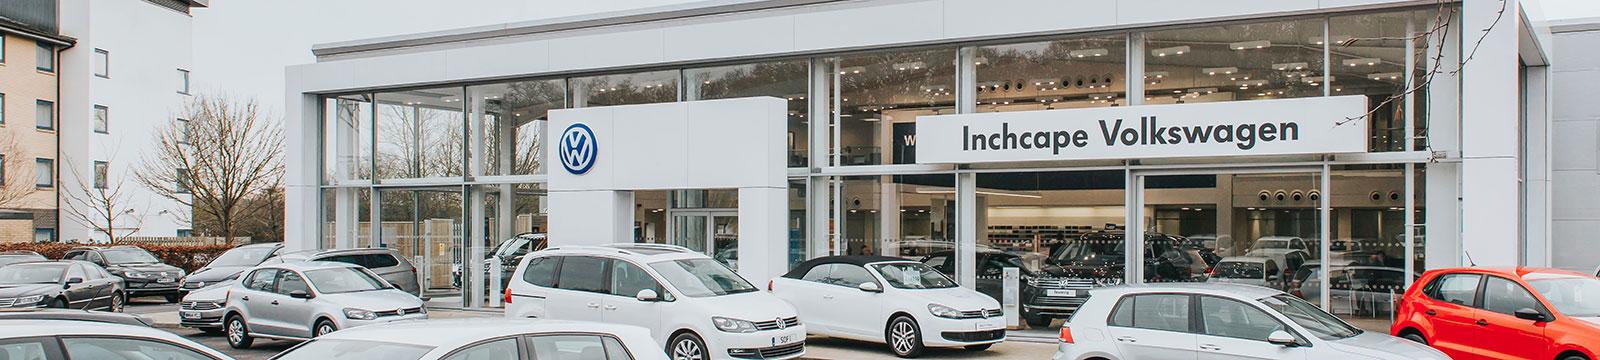 Official UK Volkswagen Dealerships | Inchcape